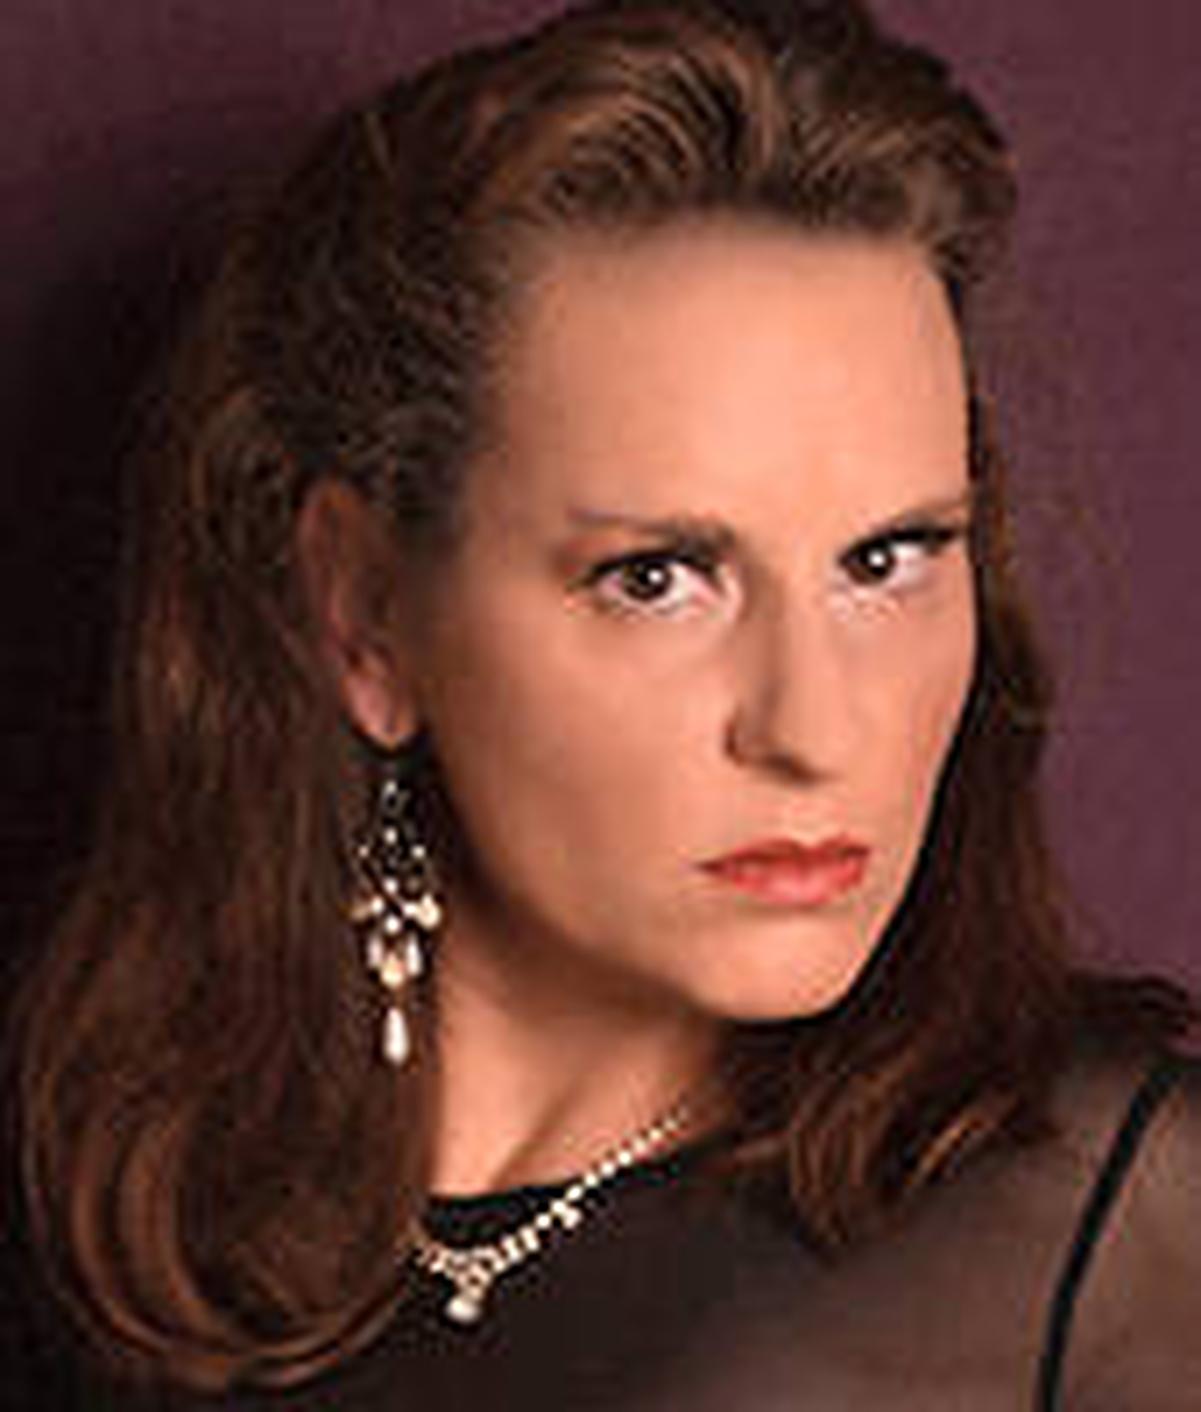 Janina Sommer